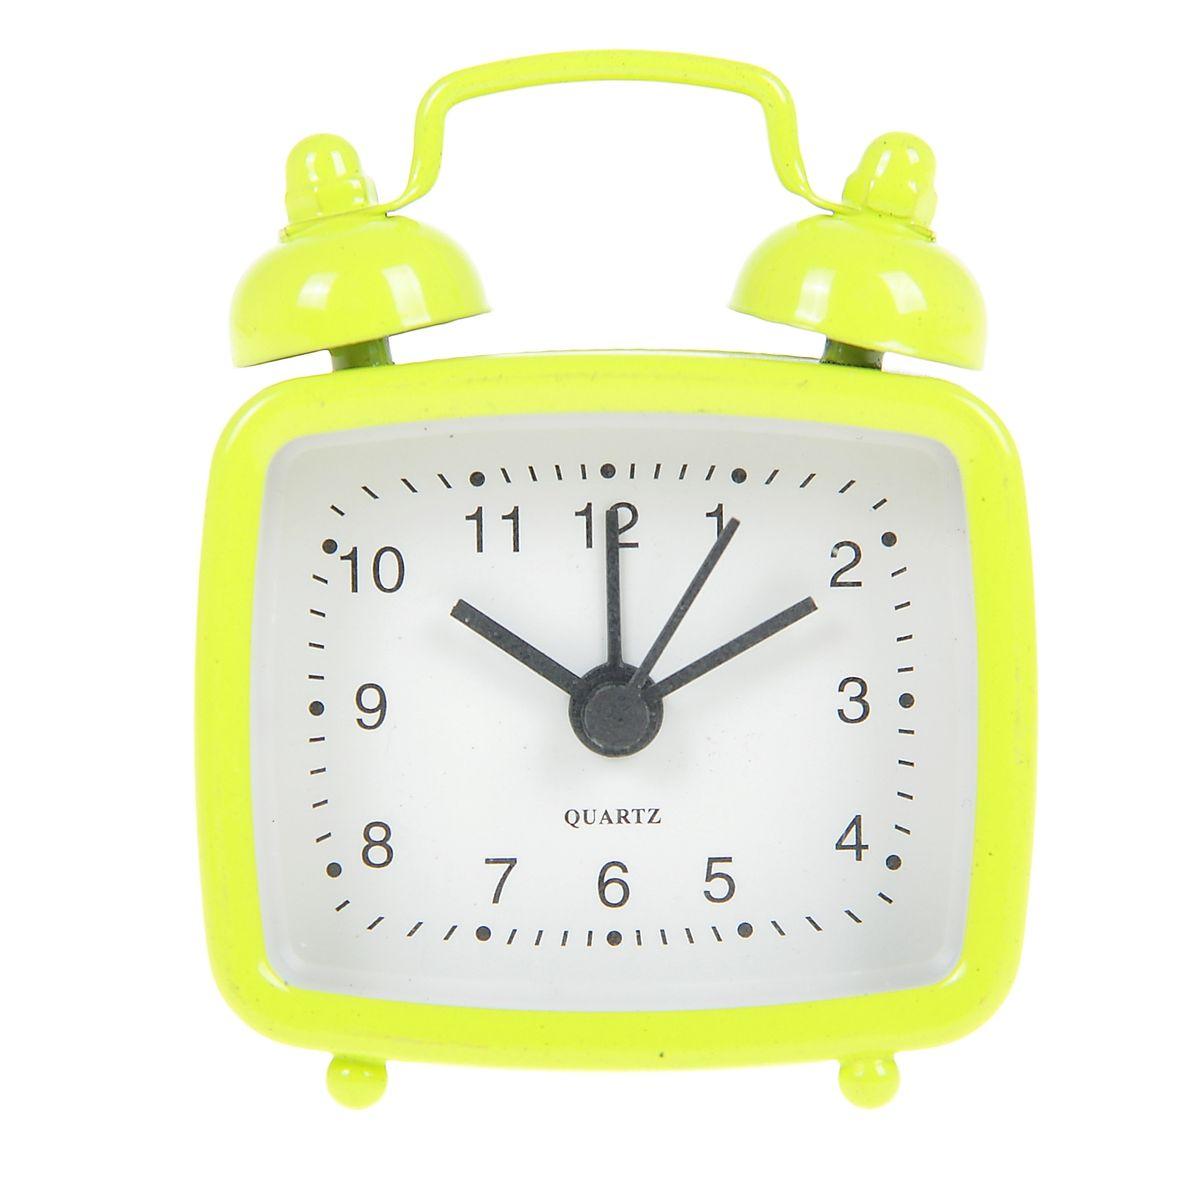 Часы-будильник Sima-land, цвет: желтый. 840945840945Как же сложно иногда вставать вовремя! Всегда так хочется поспать еще хотя бы 5 минут и бывает, что мы просыпаем. Теперь этого не случится! Яркий, оригинальный будильник Sima-land поможет вам всегда вставать в нужное время и успевать везде и всюду. Будильник украсит вашу комнату и приведет в восхищение друзей. Эта уменьшенная версия привычного будильника умещается на ладони и работает так же громко, как и привычные аналоги. Время показывает точно и будит в установленный час.На задней панели будильника расположены переключатель включения/выключения механизма, а также два колесика для настройки текущего времени и времени звонка будильника.Будильник работает от 1 батарейки типа LR44 (входит в комплект).